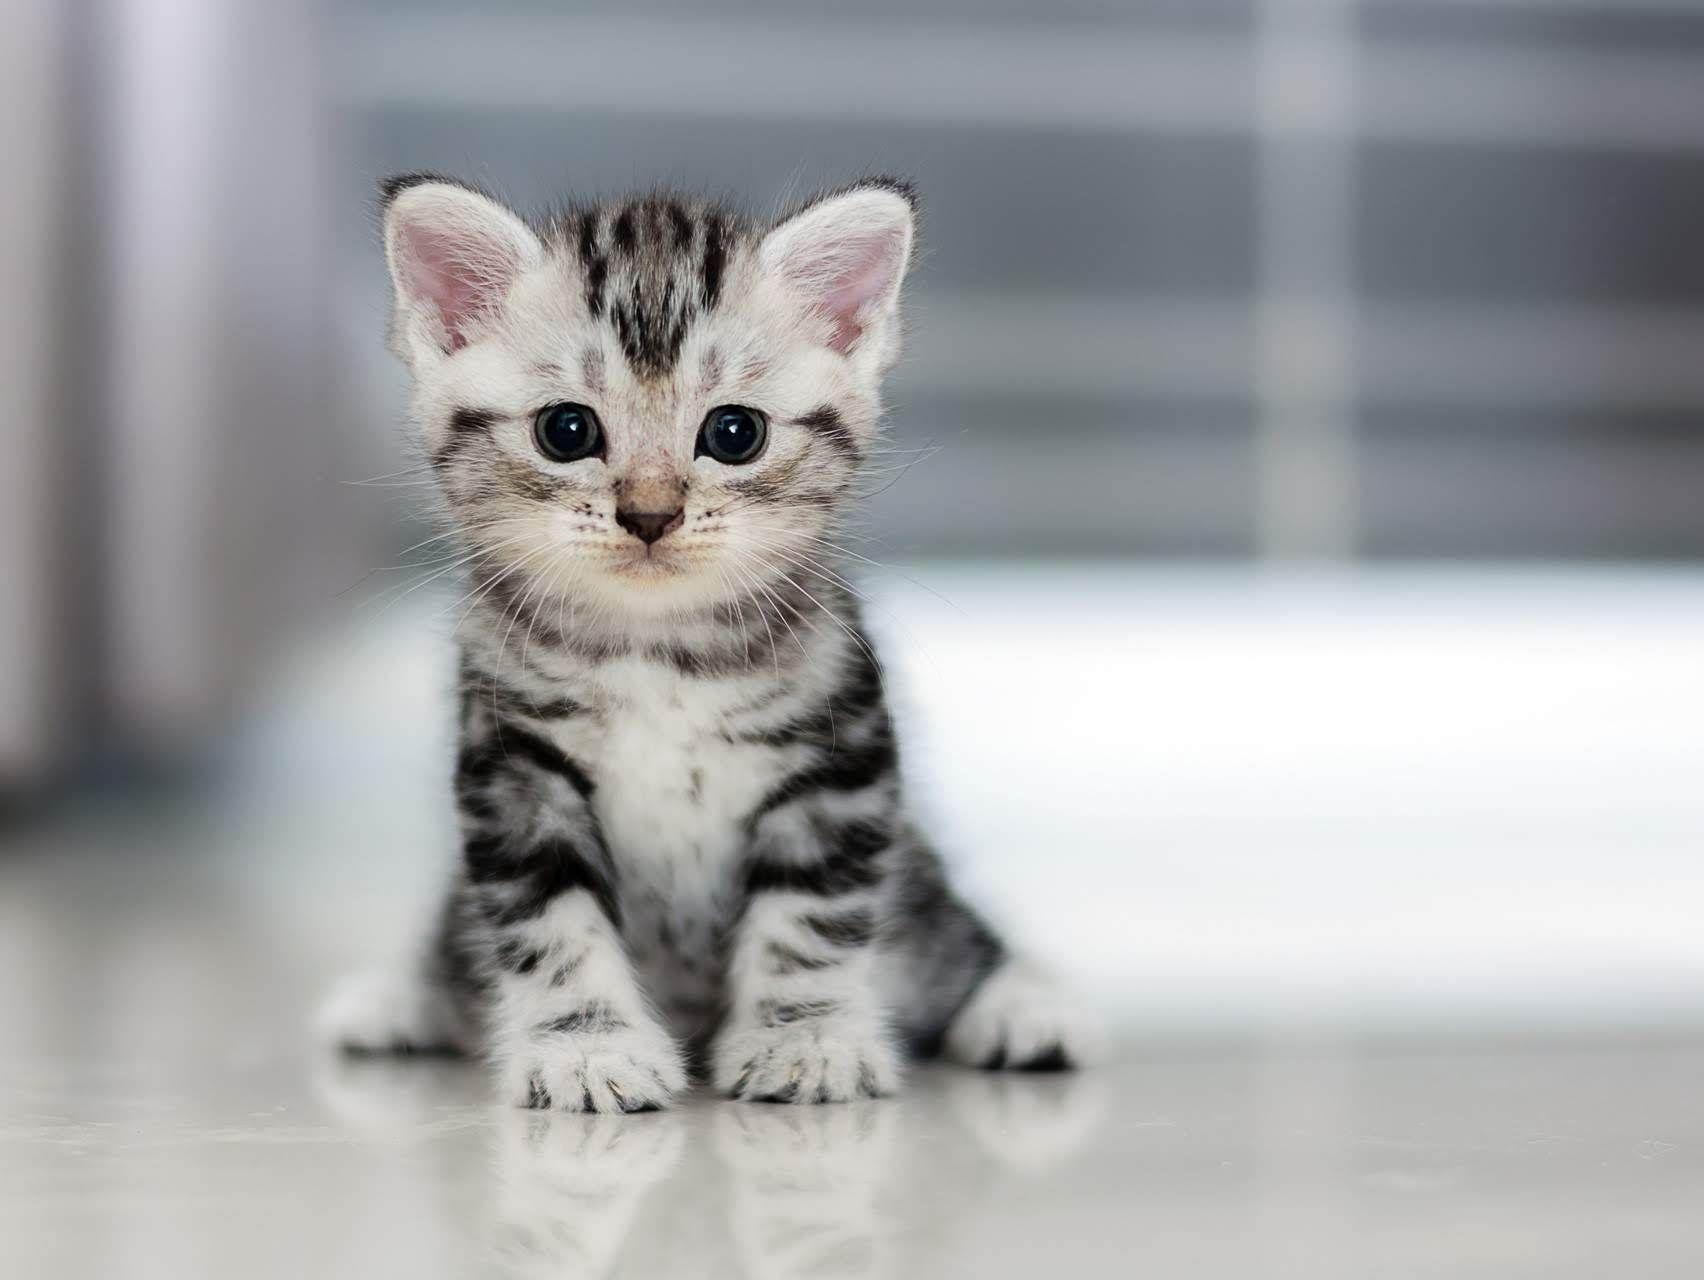 8 Mignons Chatons 8 Cute Kittens Voyage Onirique En 2020 Races De Chats Bebe Chat Chats Adorables